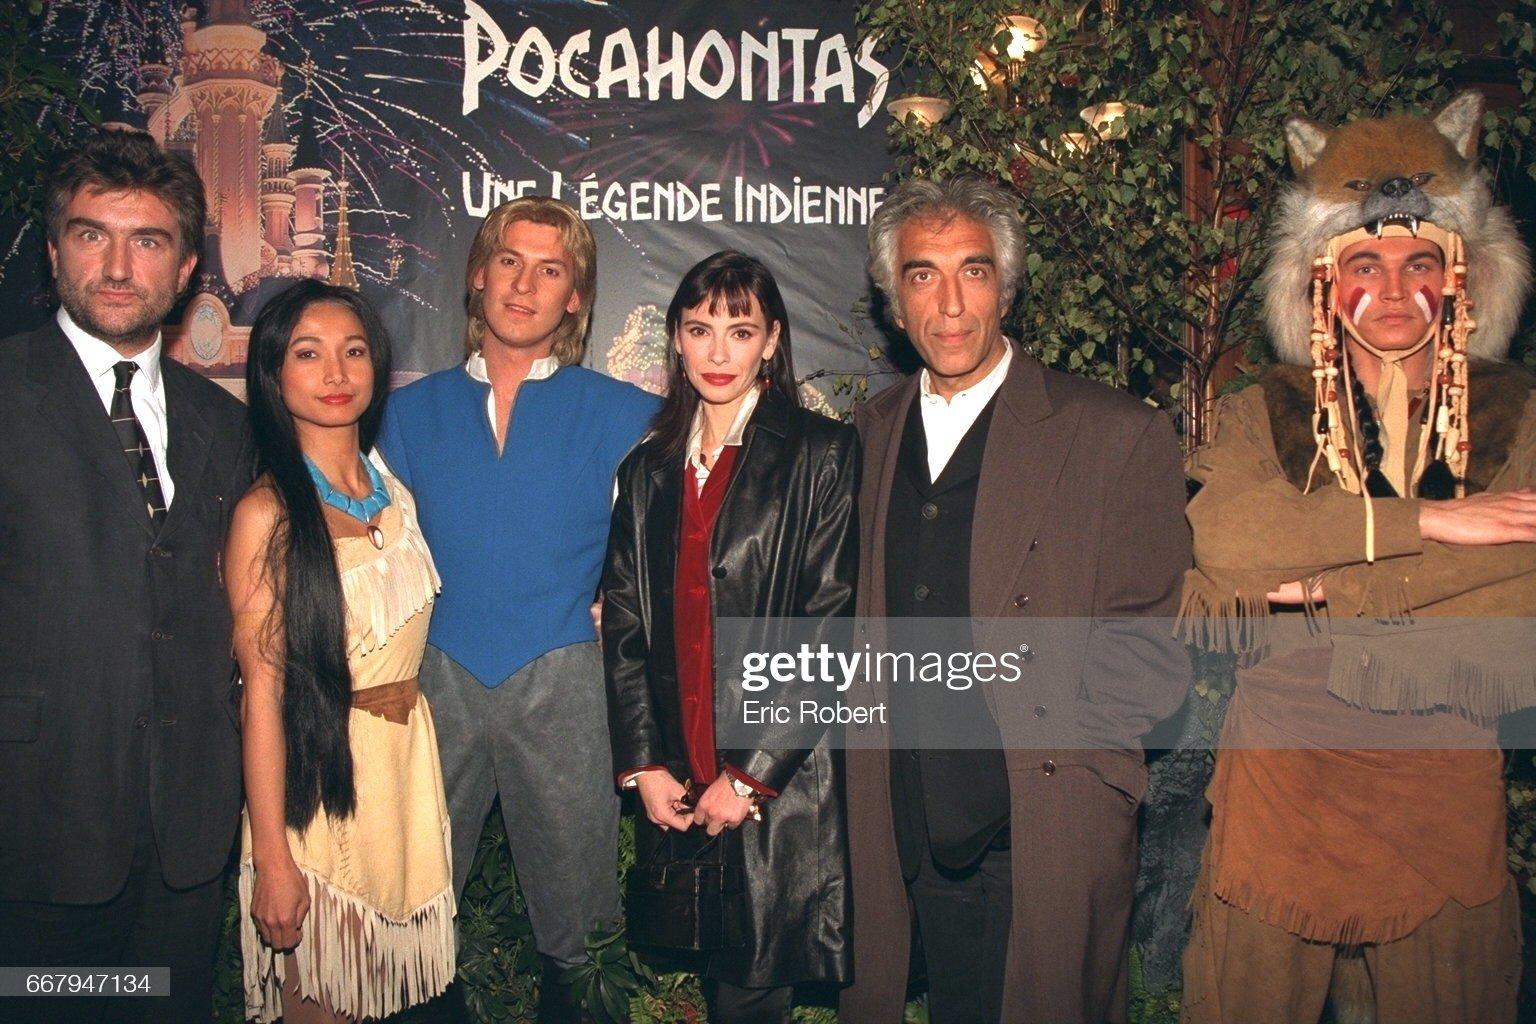 Pocahontas, une Légende Indienne [Walt Disney - 1995] - Page 13 -picture-id667947134?s=2048x2048